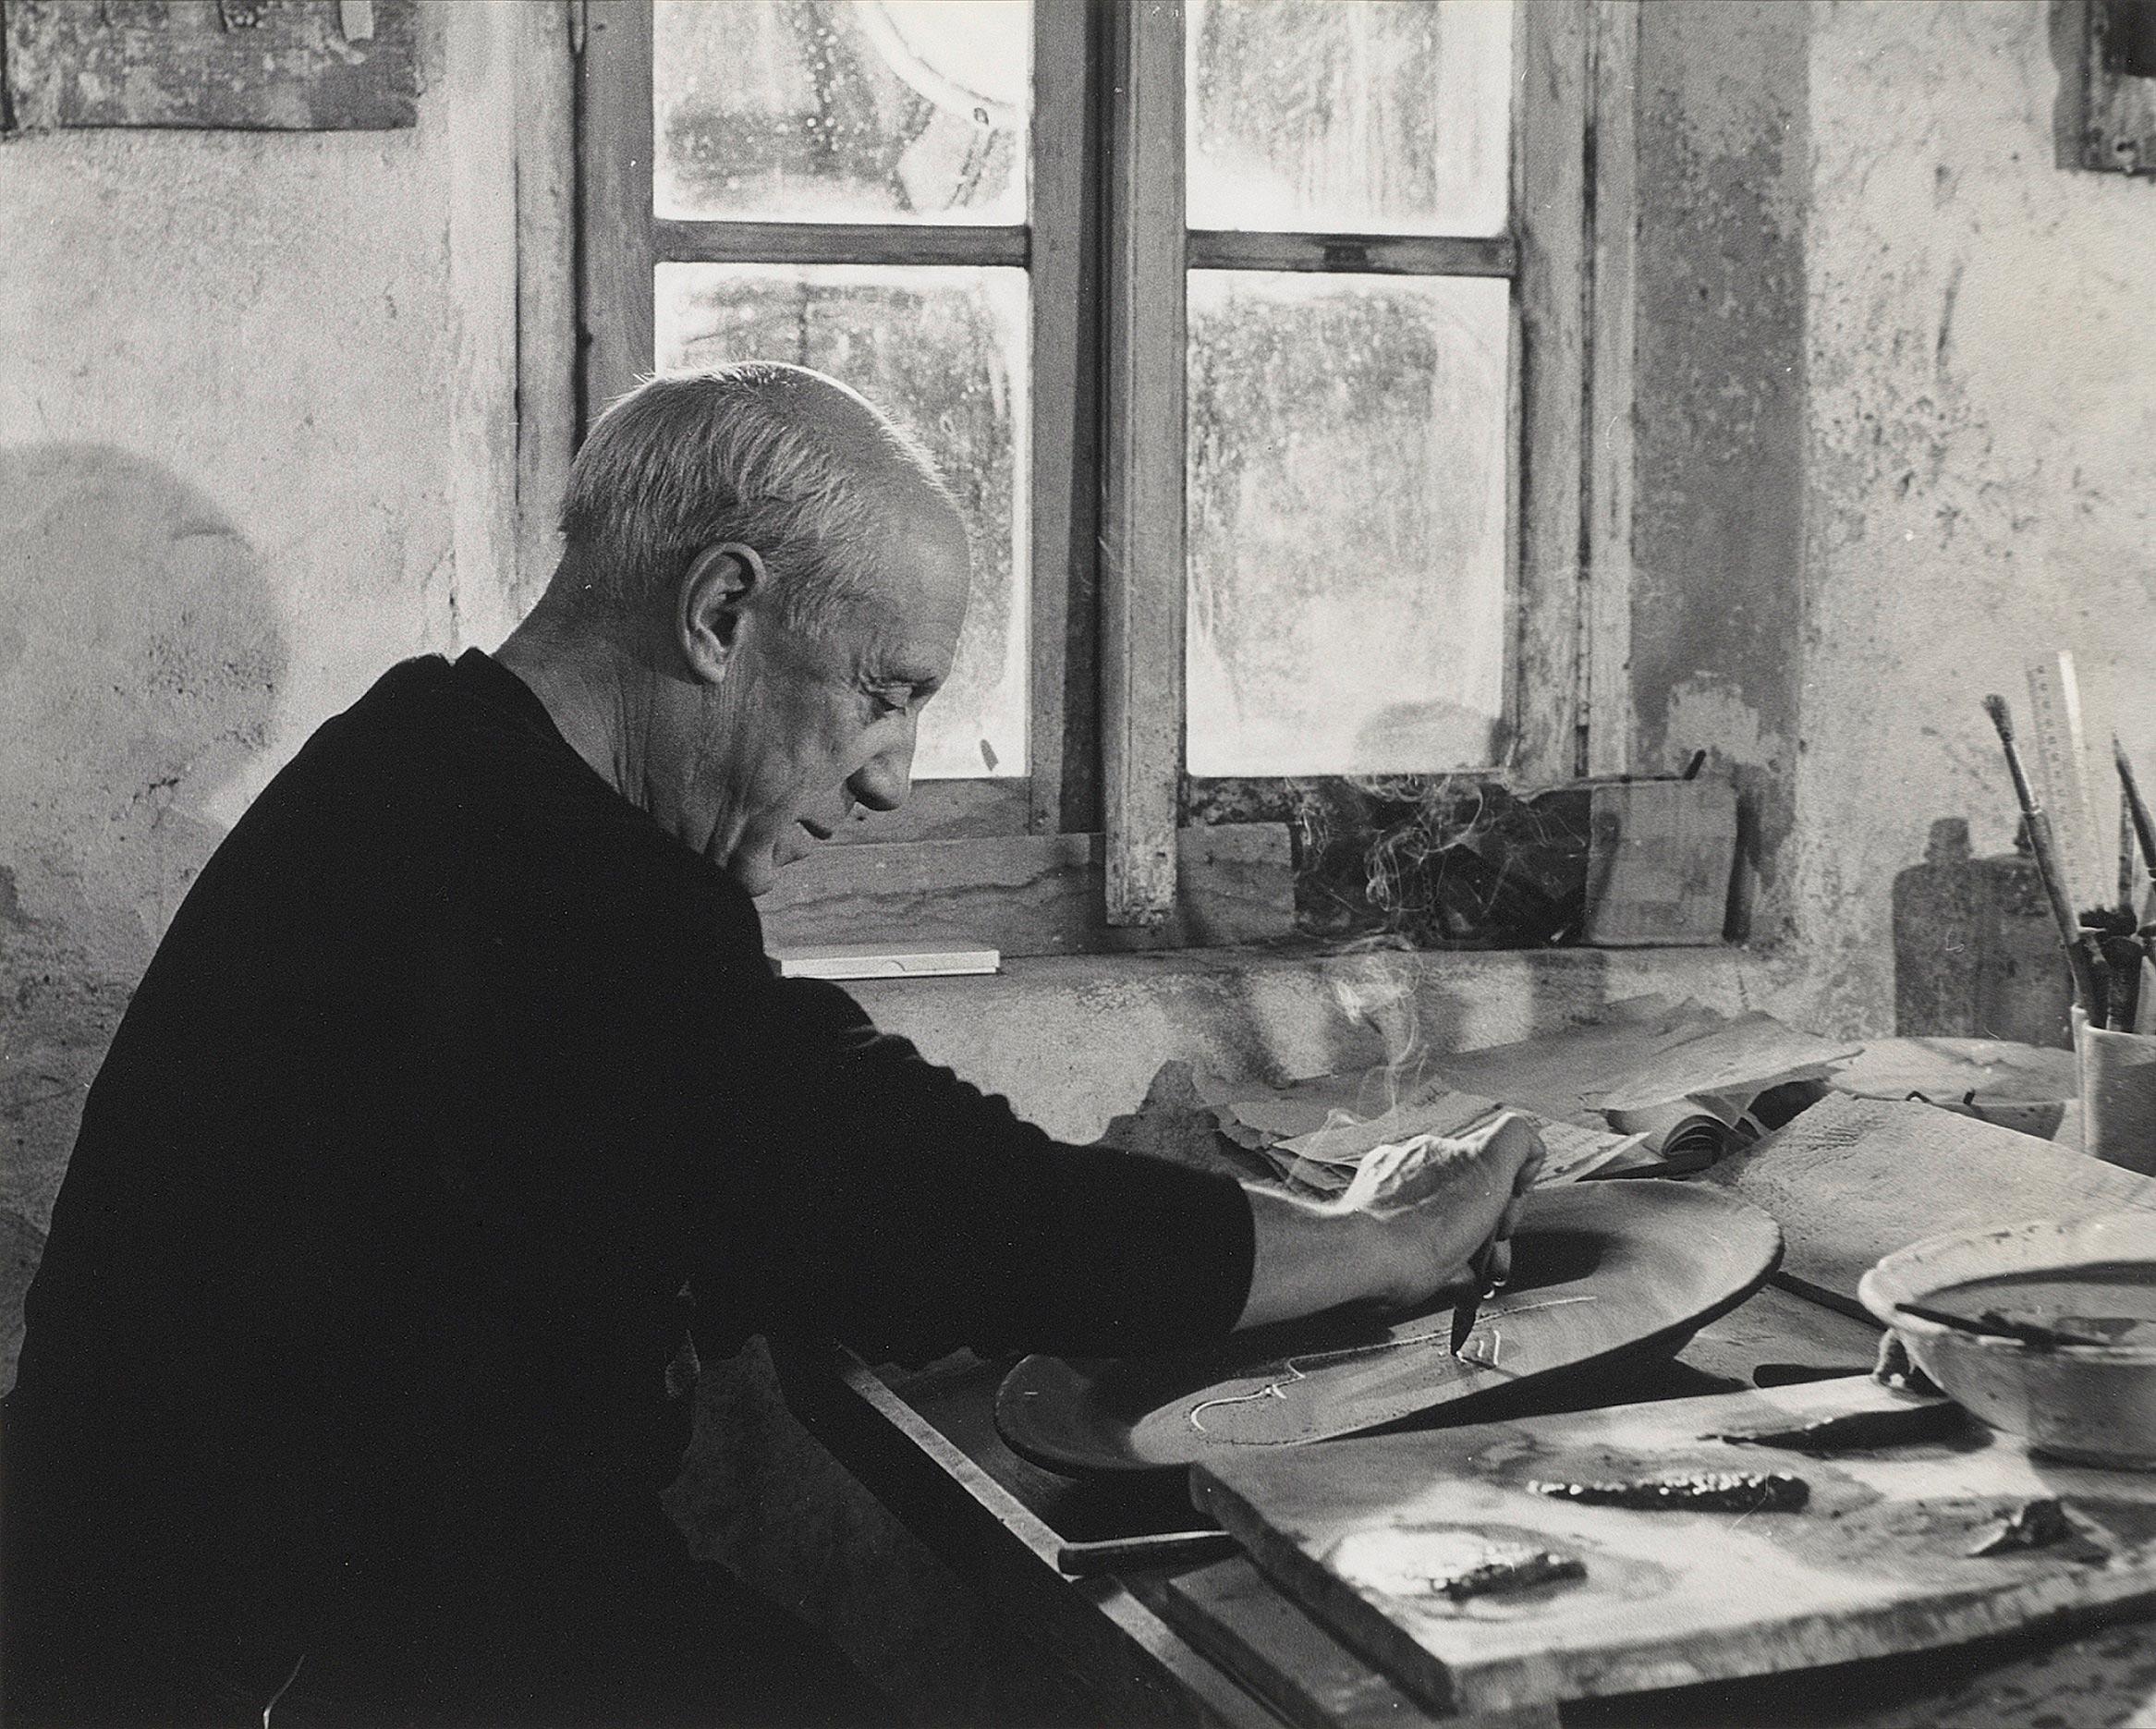 Пабло Пикассо, 1965 / фото Эдварда Квинна